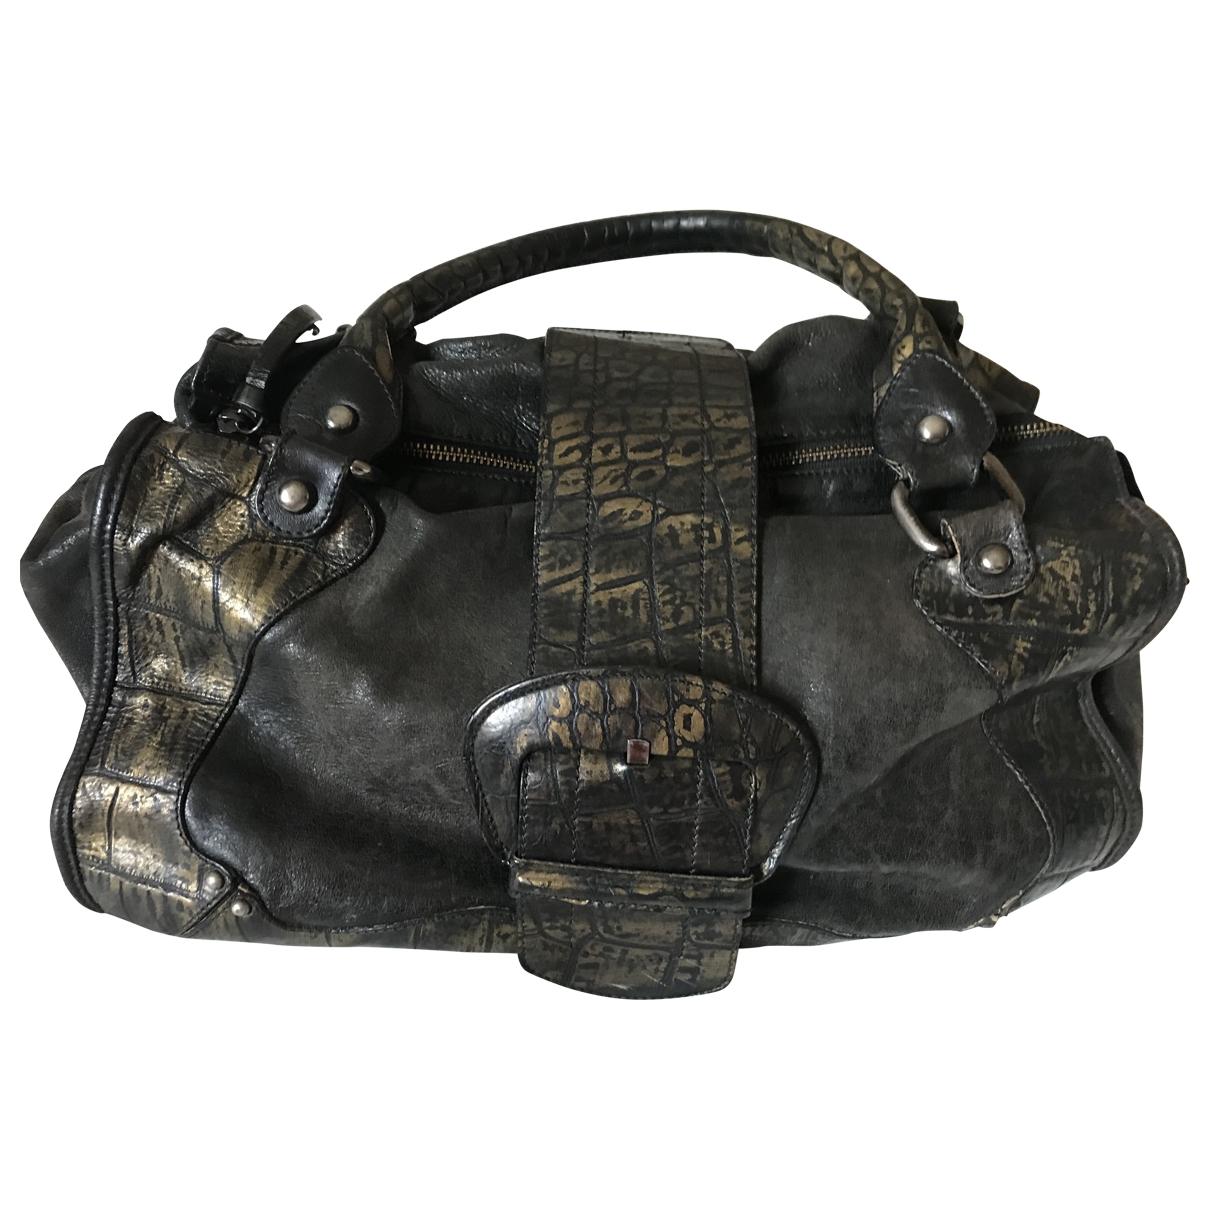 Gianni Chiarini \N Handtasche in  Schwarz Leder